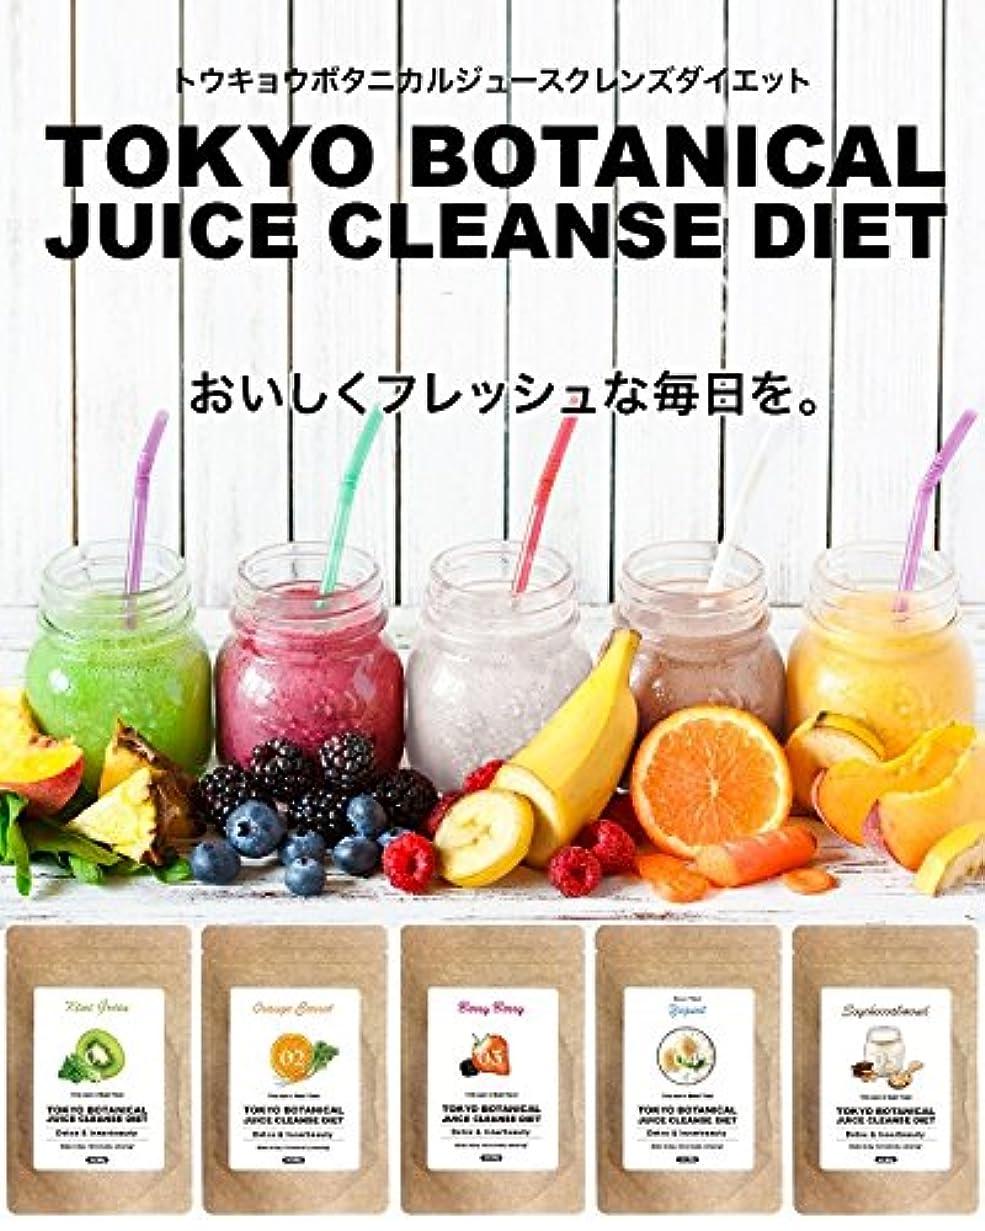 東京ボタニカルジュースクレンズダイエット ベリーベリー&ヨーグルトセット